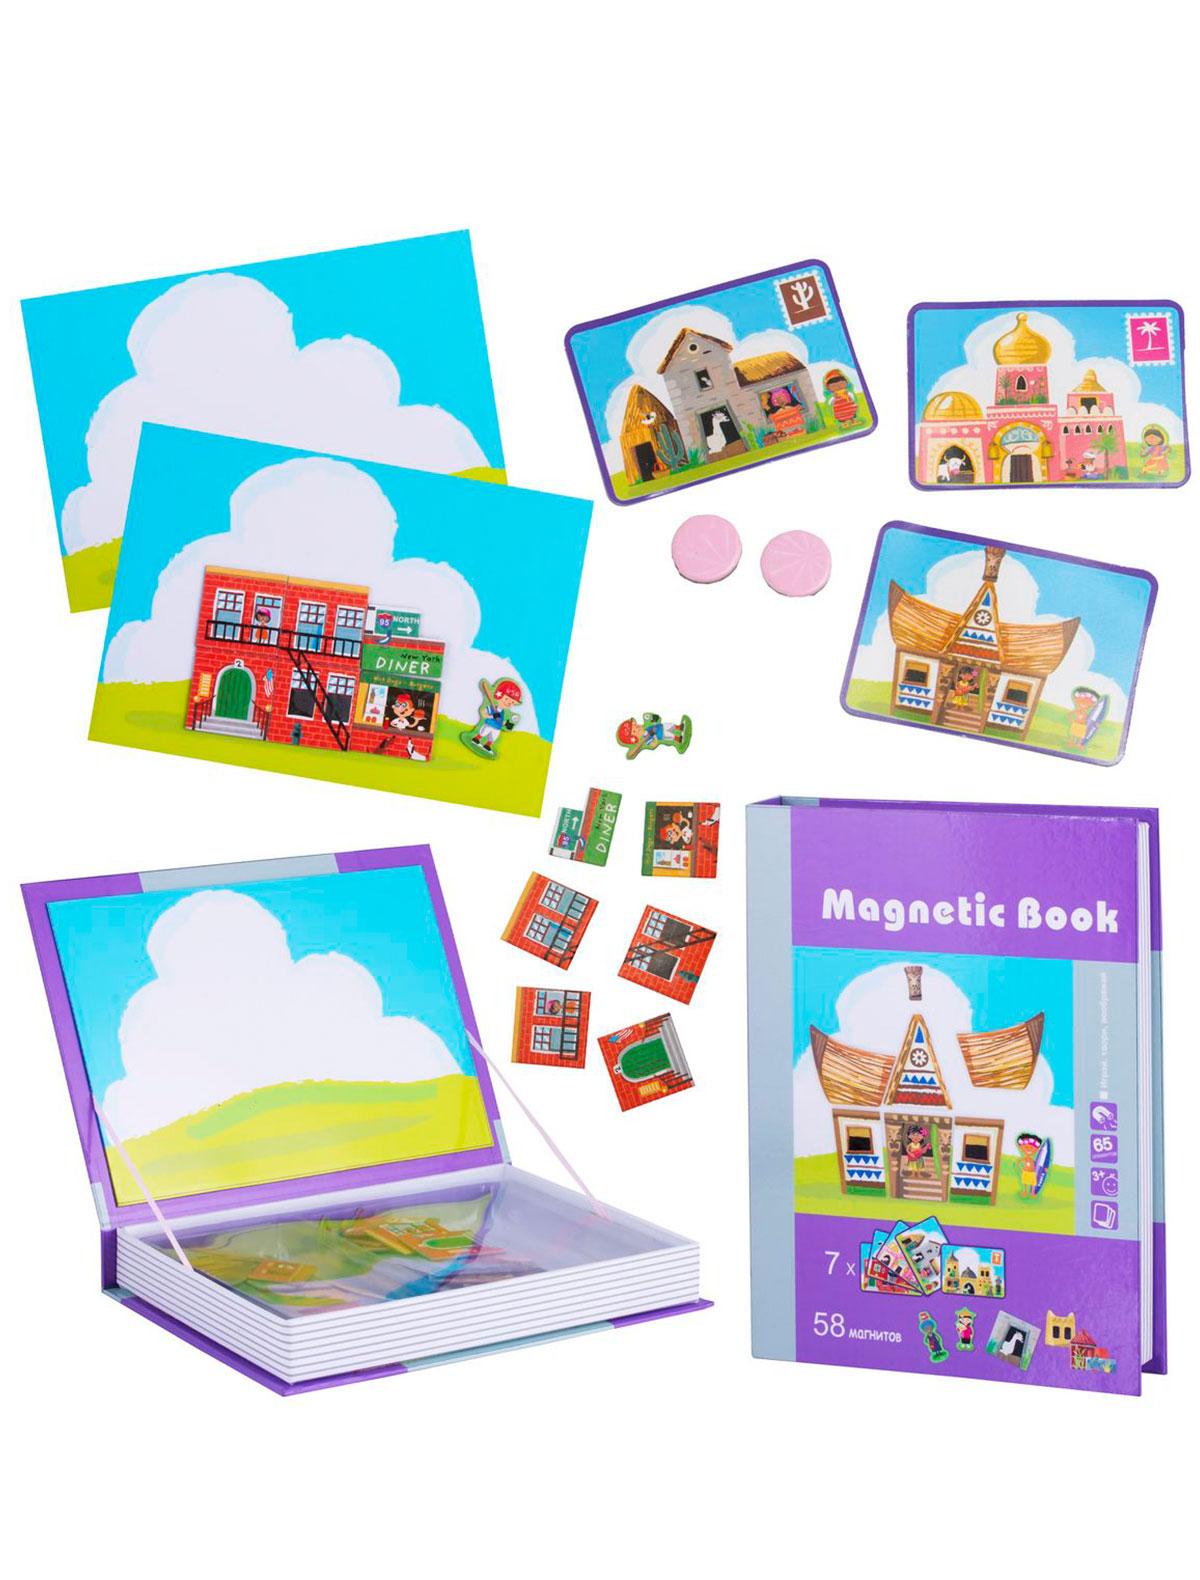 2267923, Игрушка Magnetic Book, фиолетовый, 7134529083893  - купить со скидкой